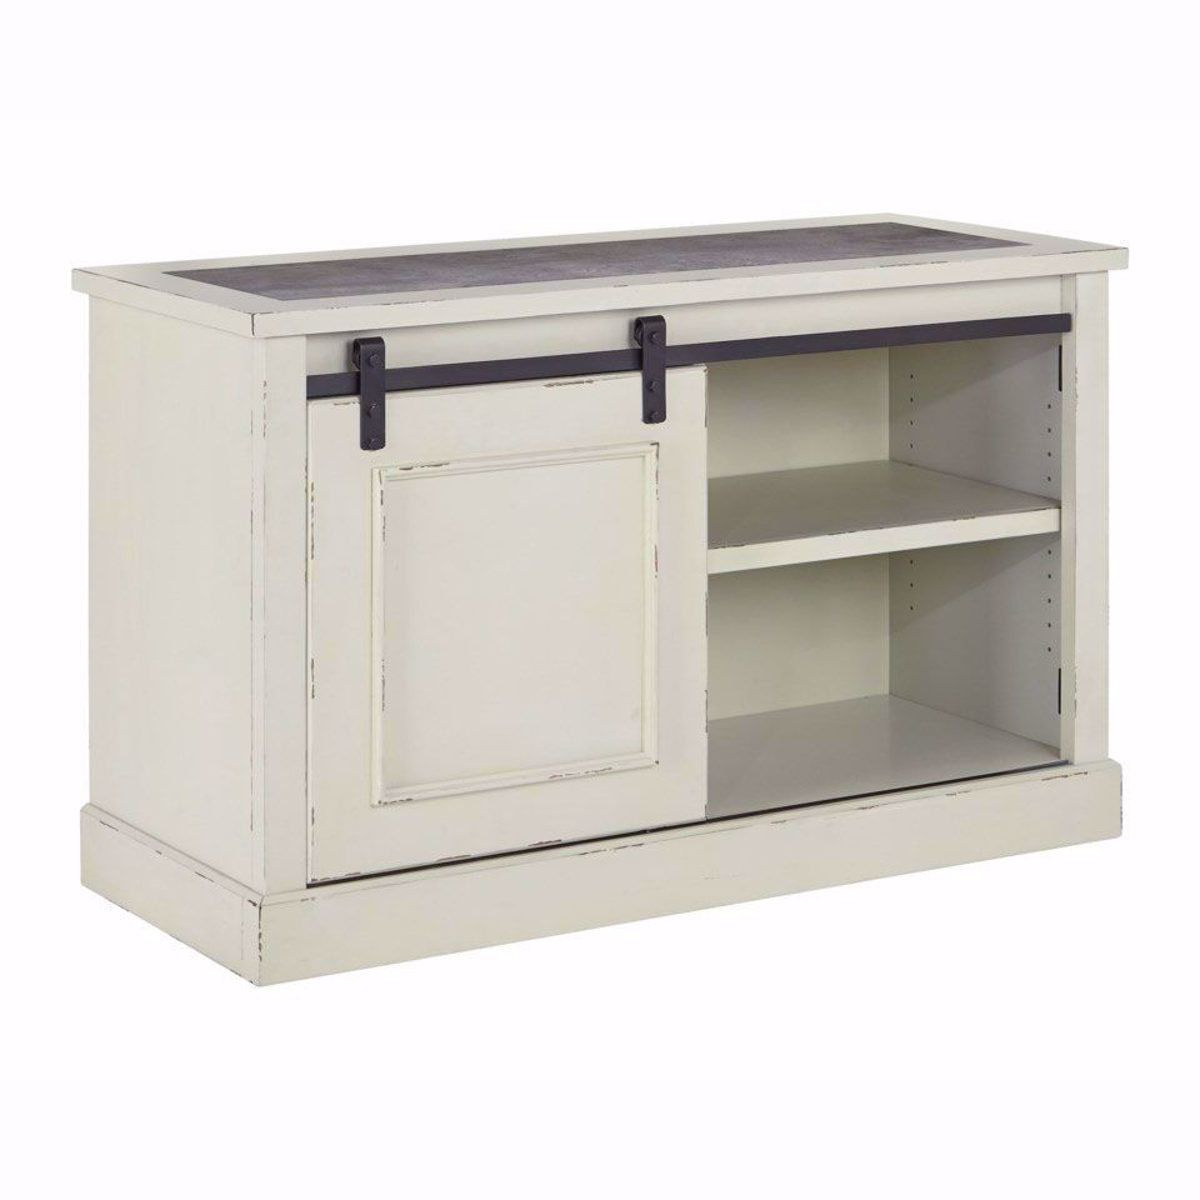 Picture of Fulton Cream Cabinet and Hutch